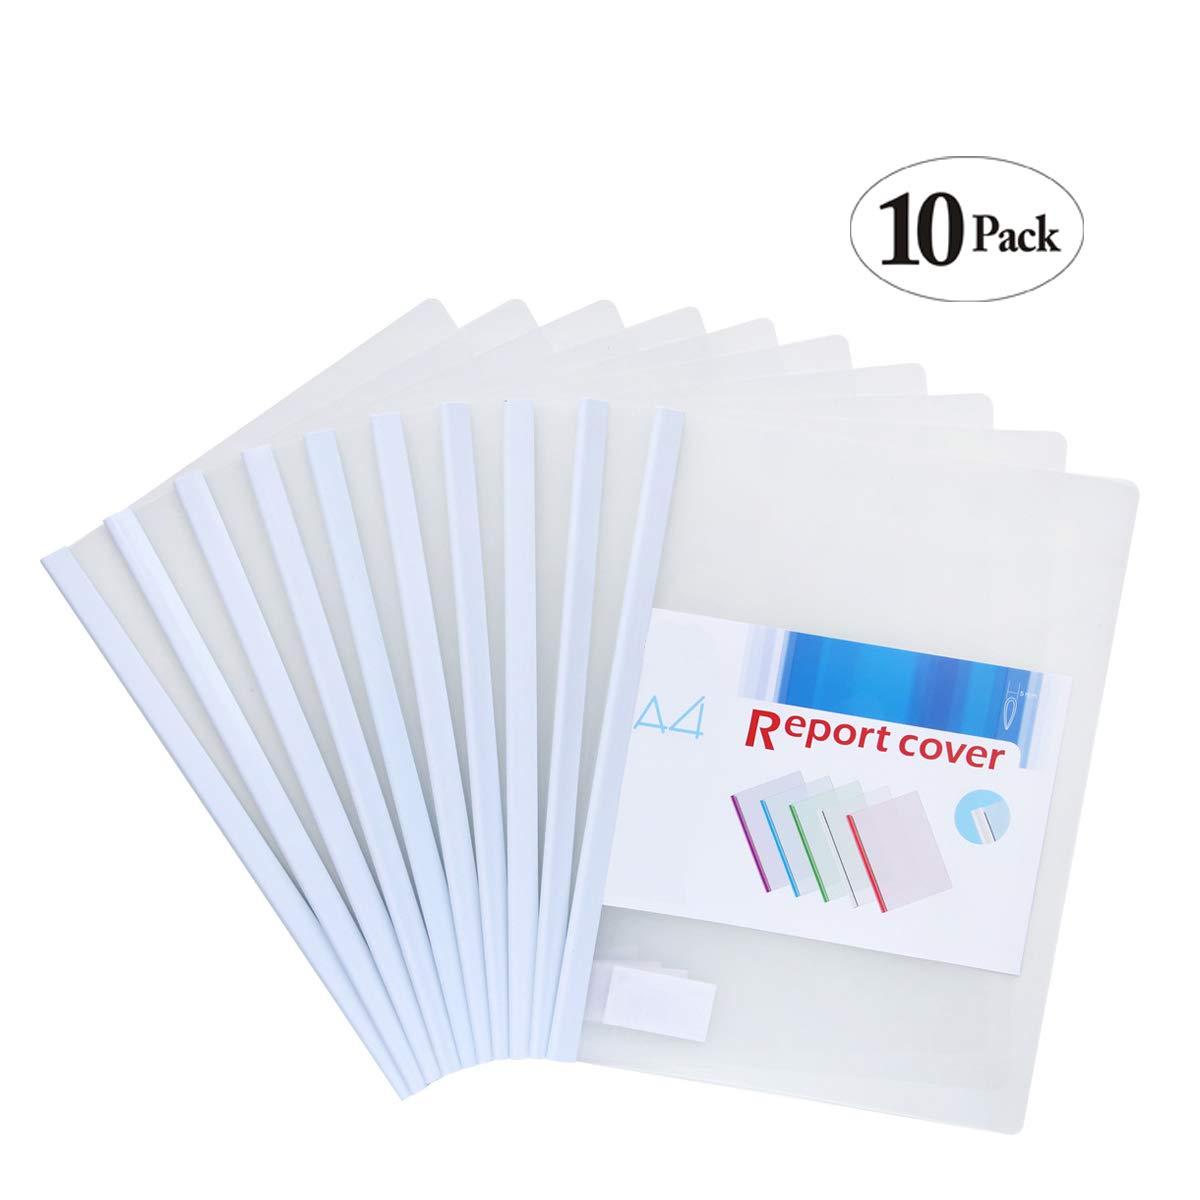 Afeelrich Plastic File Folder Sliding Bar,Report Folder Office School Supplies Transparent Resume Presentation File Folders Organizer Binder for A4 Size Paper, (5 Color) (White)